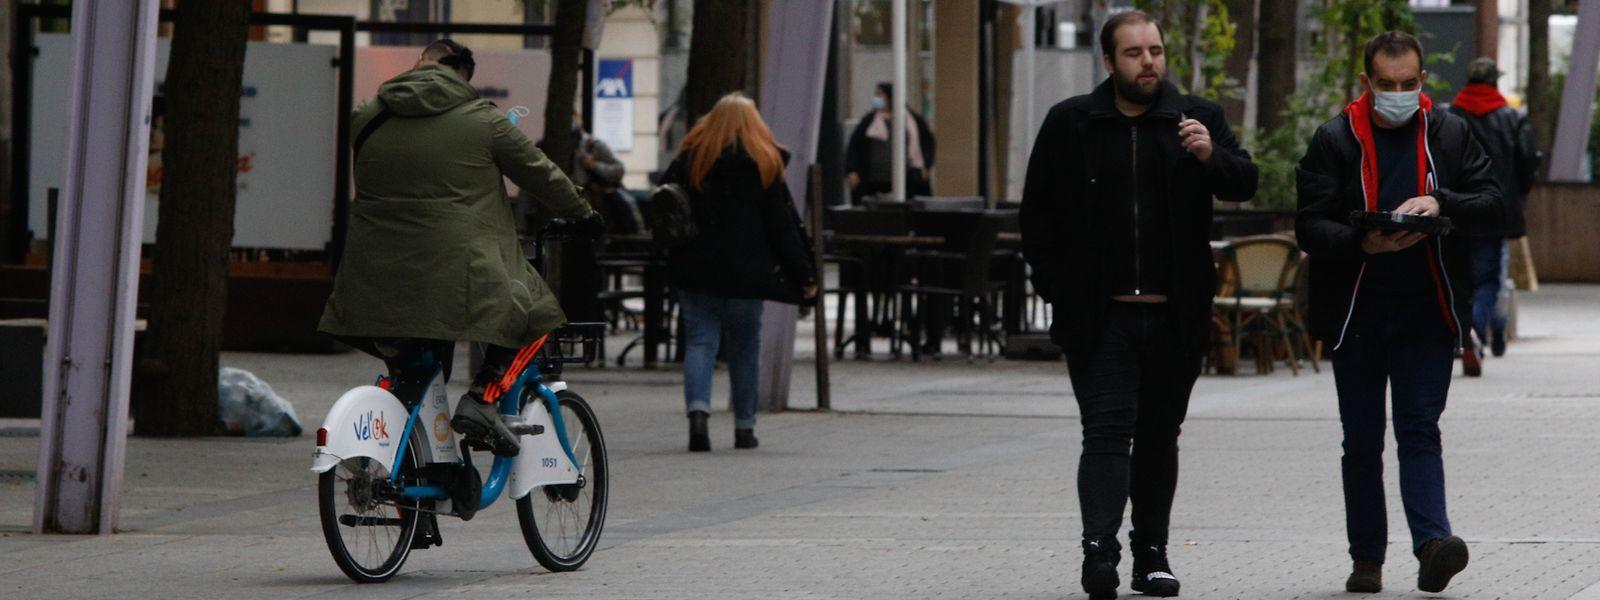 In Zukunft wird Radfahren zwischen zehn und 20 Uhr in der Rue de l'Alzette untersagt sein. Die Stadt hat sich dabei an den Lieferzeiten orientiert, die morgens vor zehn und abends zwischen 18 Uhr und 20 Uhr festgelegt sind.